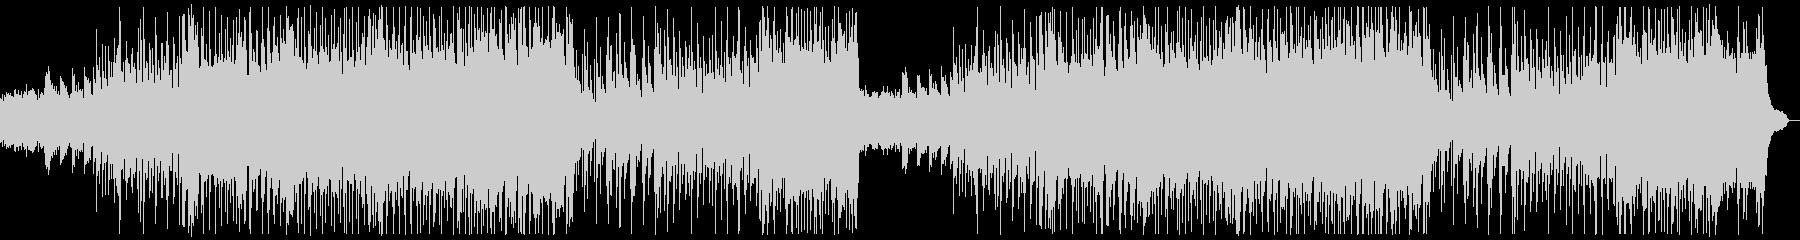 明るいフォークギターポップス:フルx2の未再生の波形